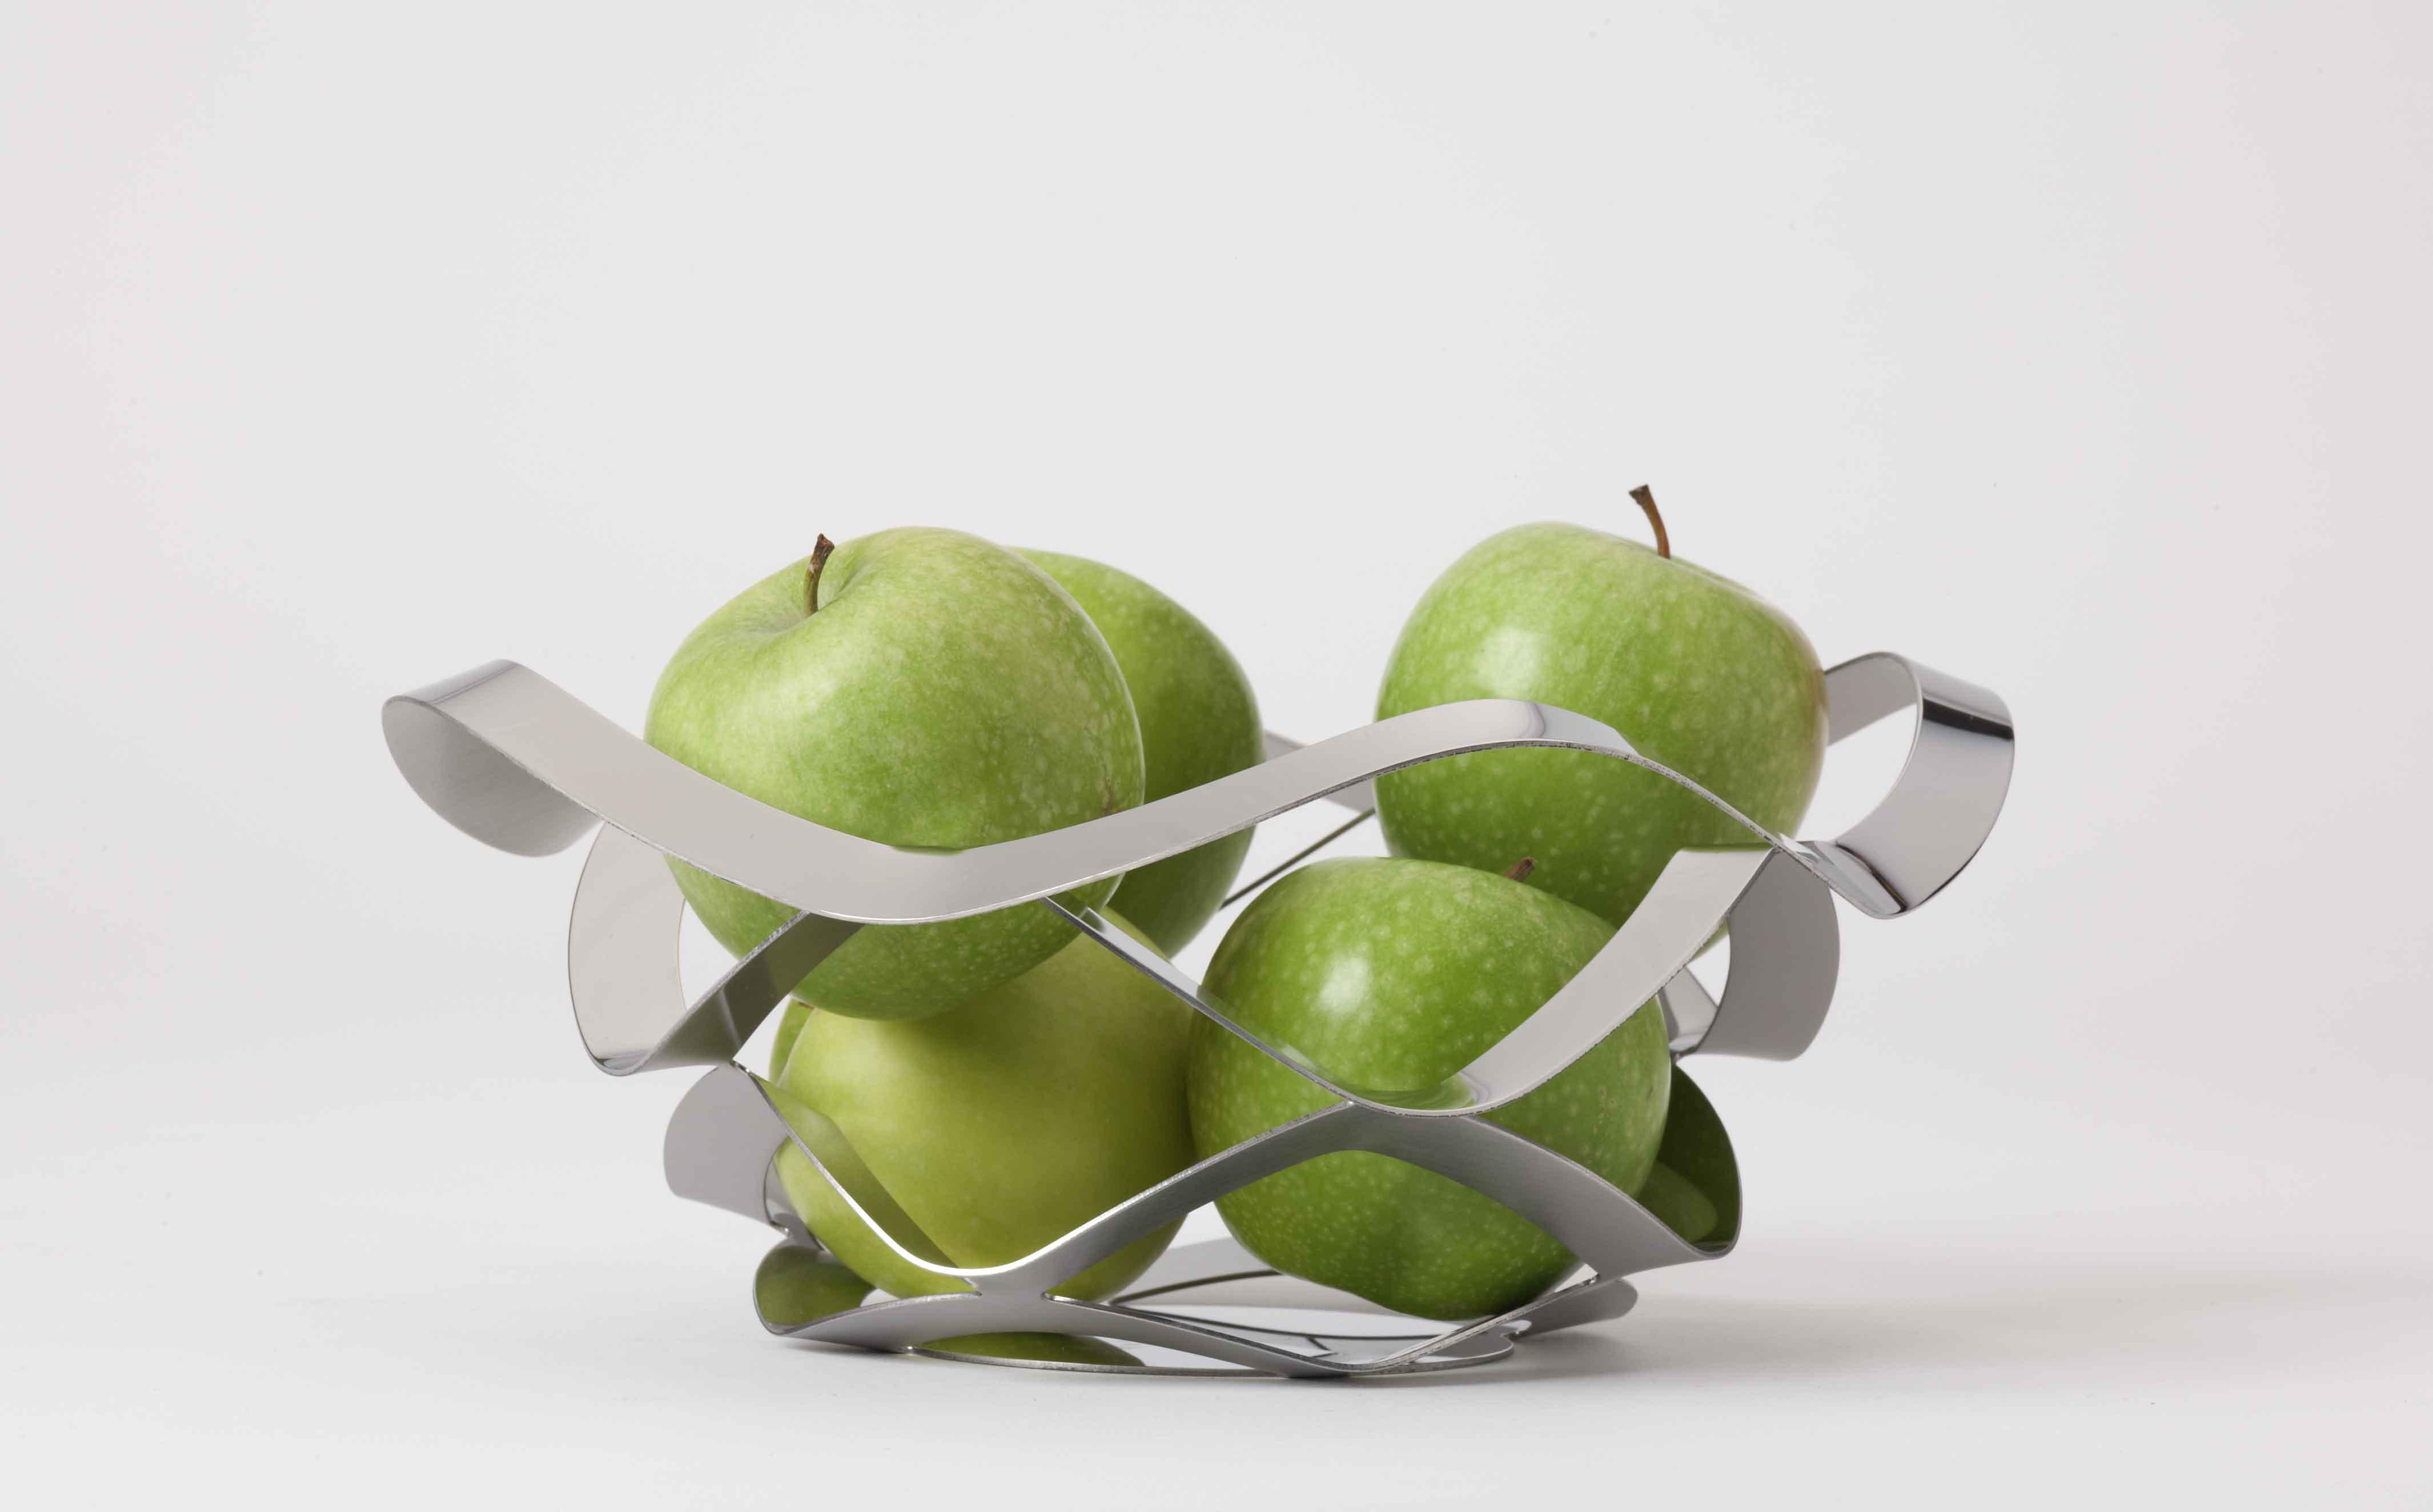 Ваза для фруктов в стиле хай-тек